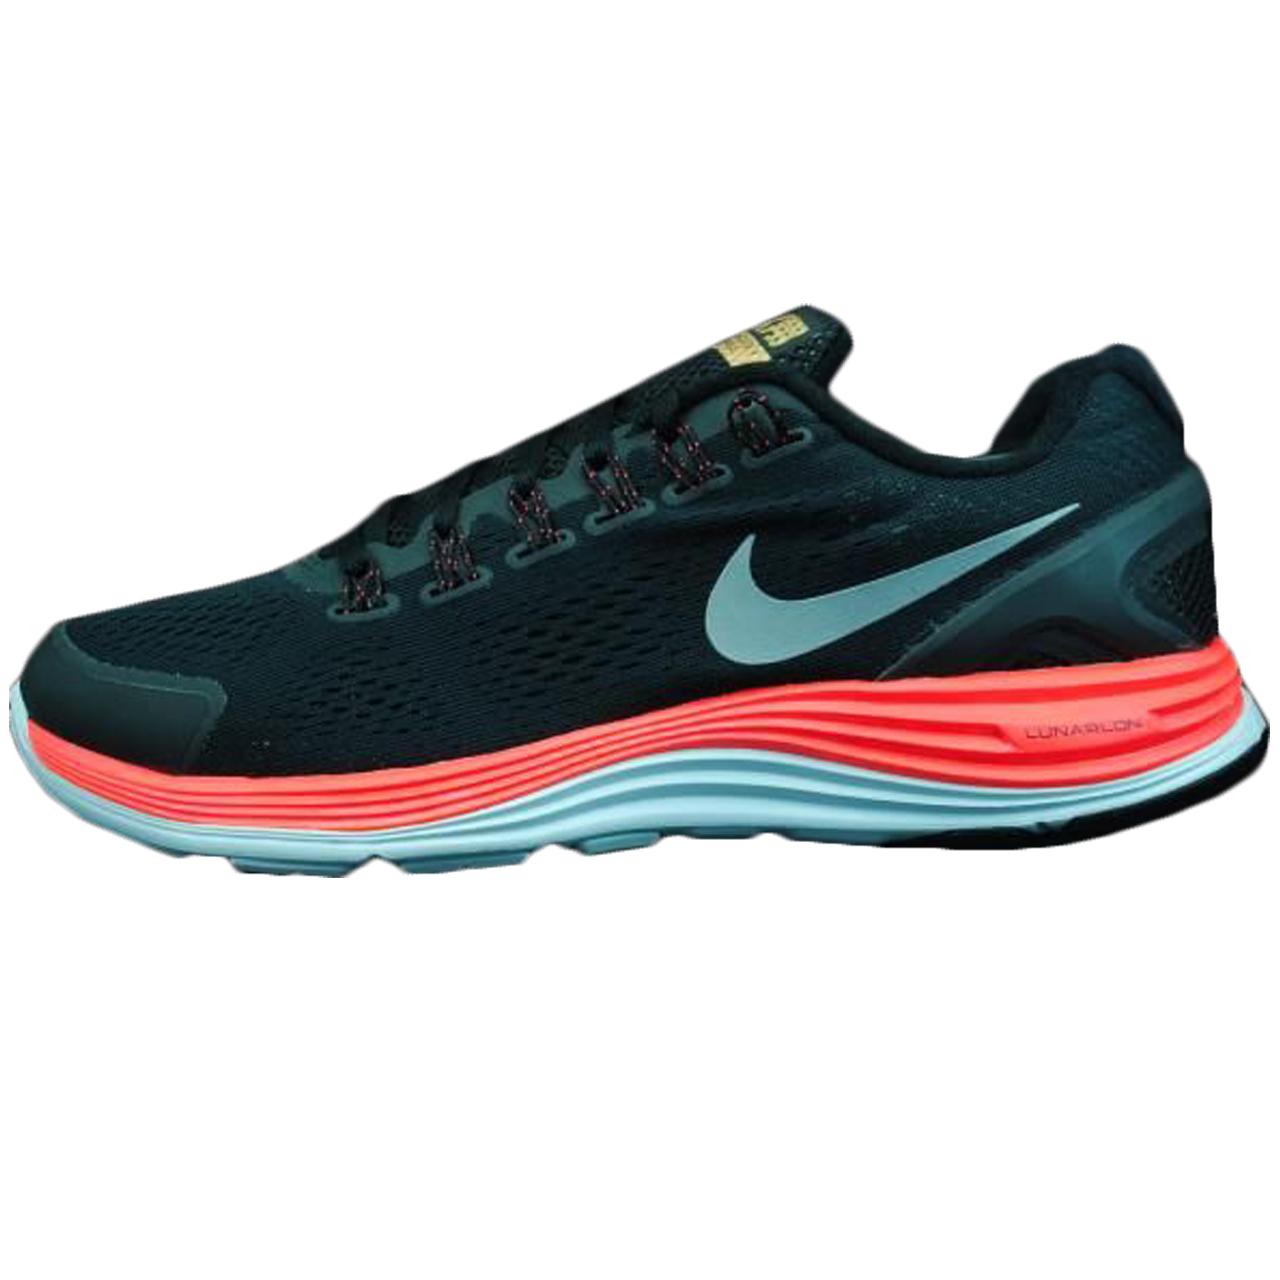 کفش ورزشی مردانه مخصوص دویدن و پیاده روی نایک مدل LUNARLON